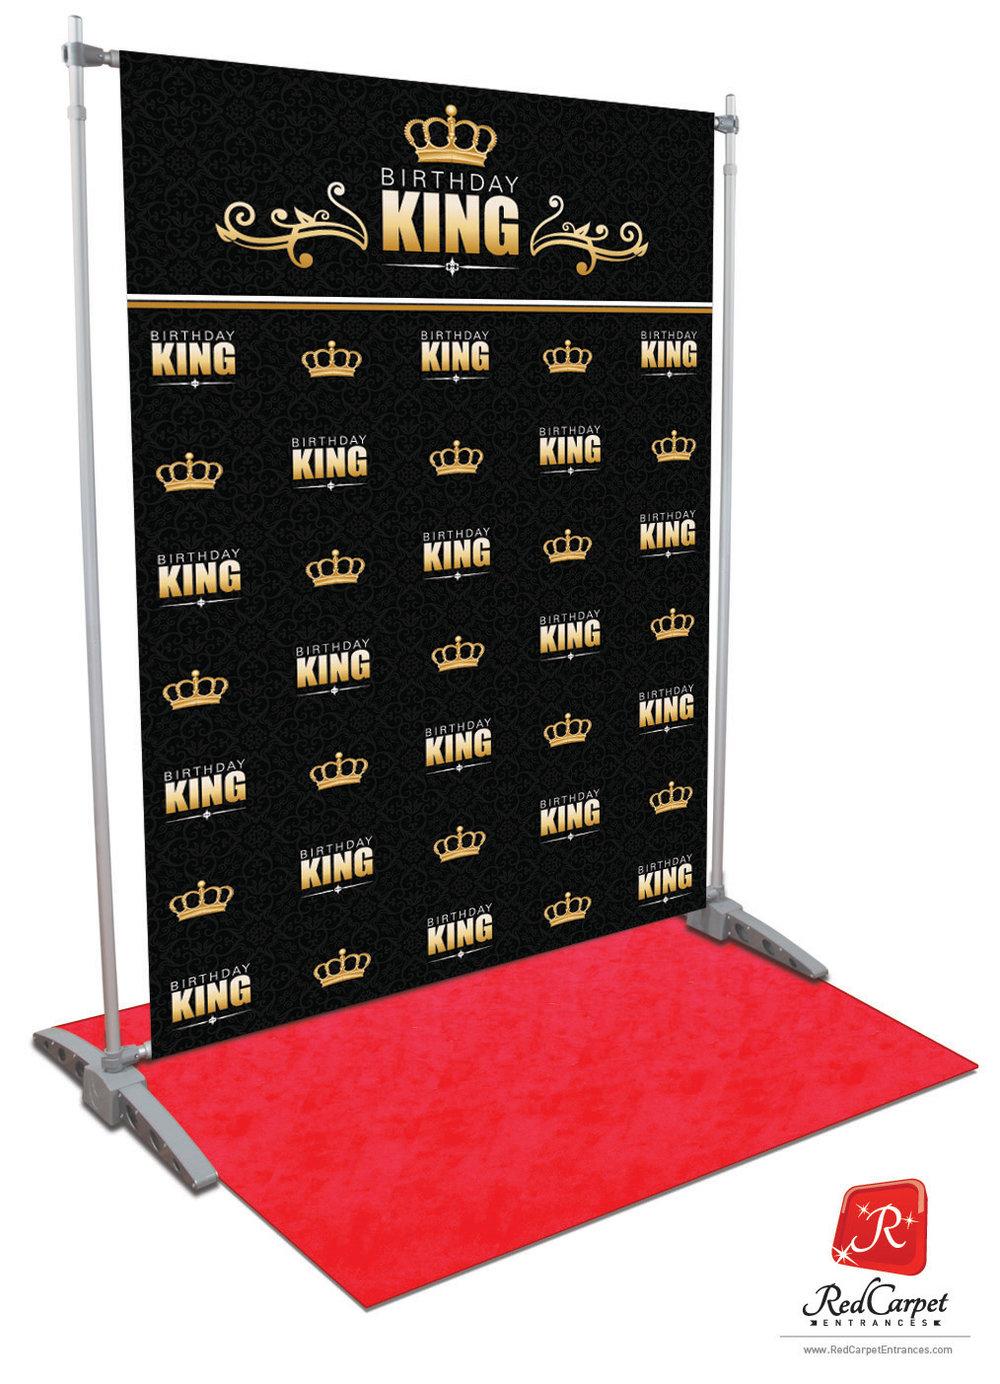 Birthday King Backdrop Red Carpet Kit Black 5x8 Red Carpet Runner Amp Backdrop